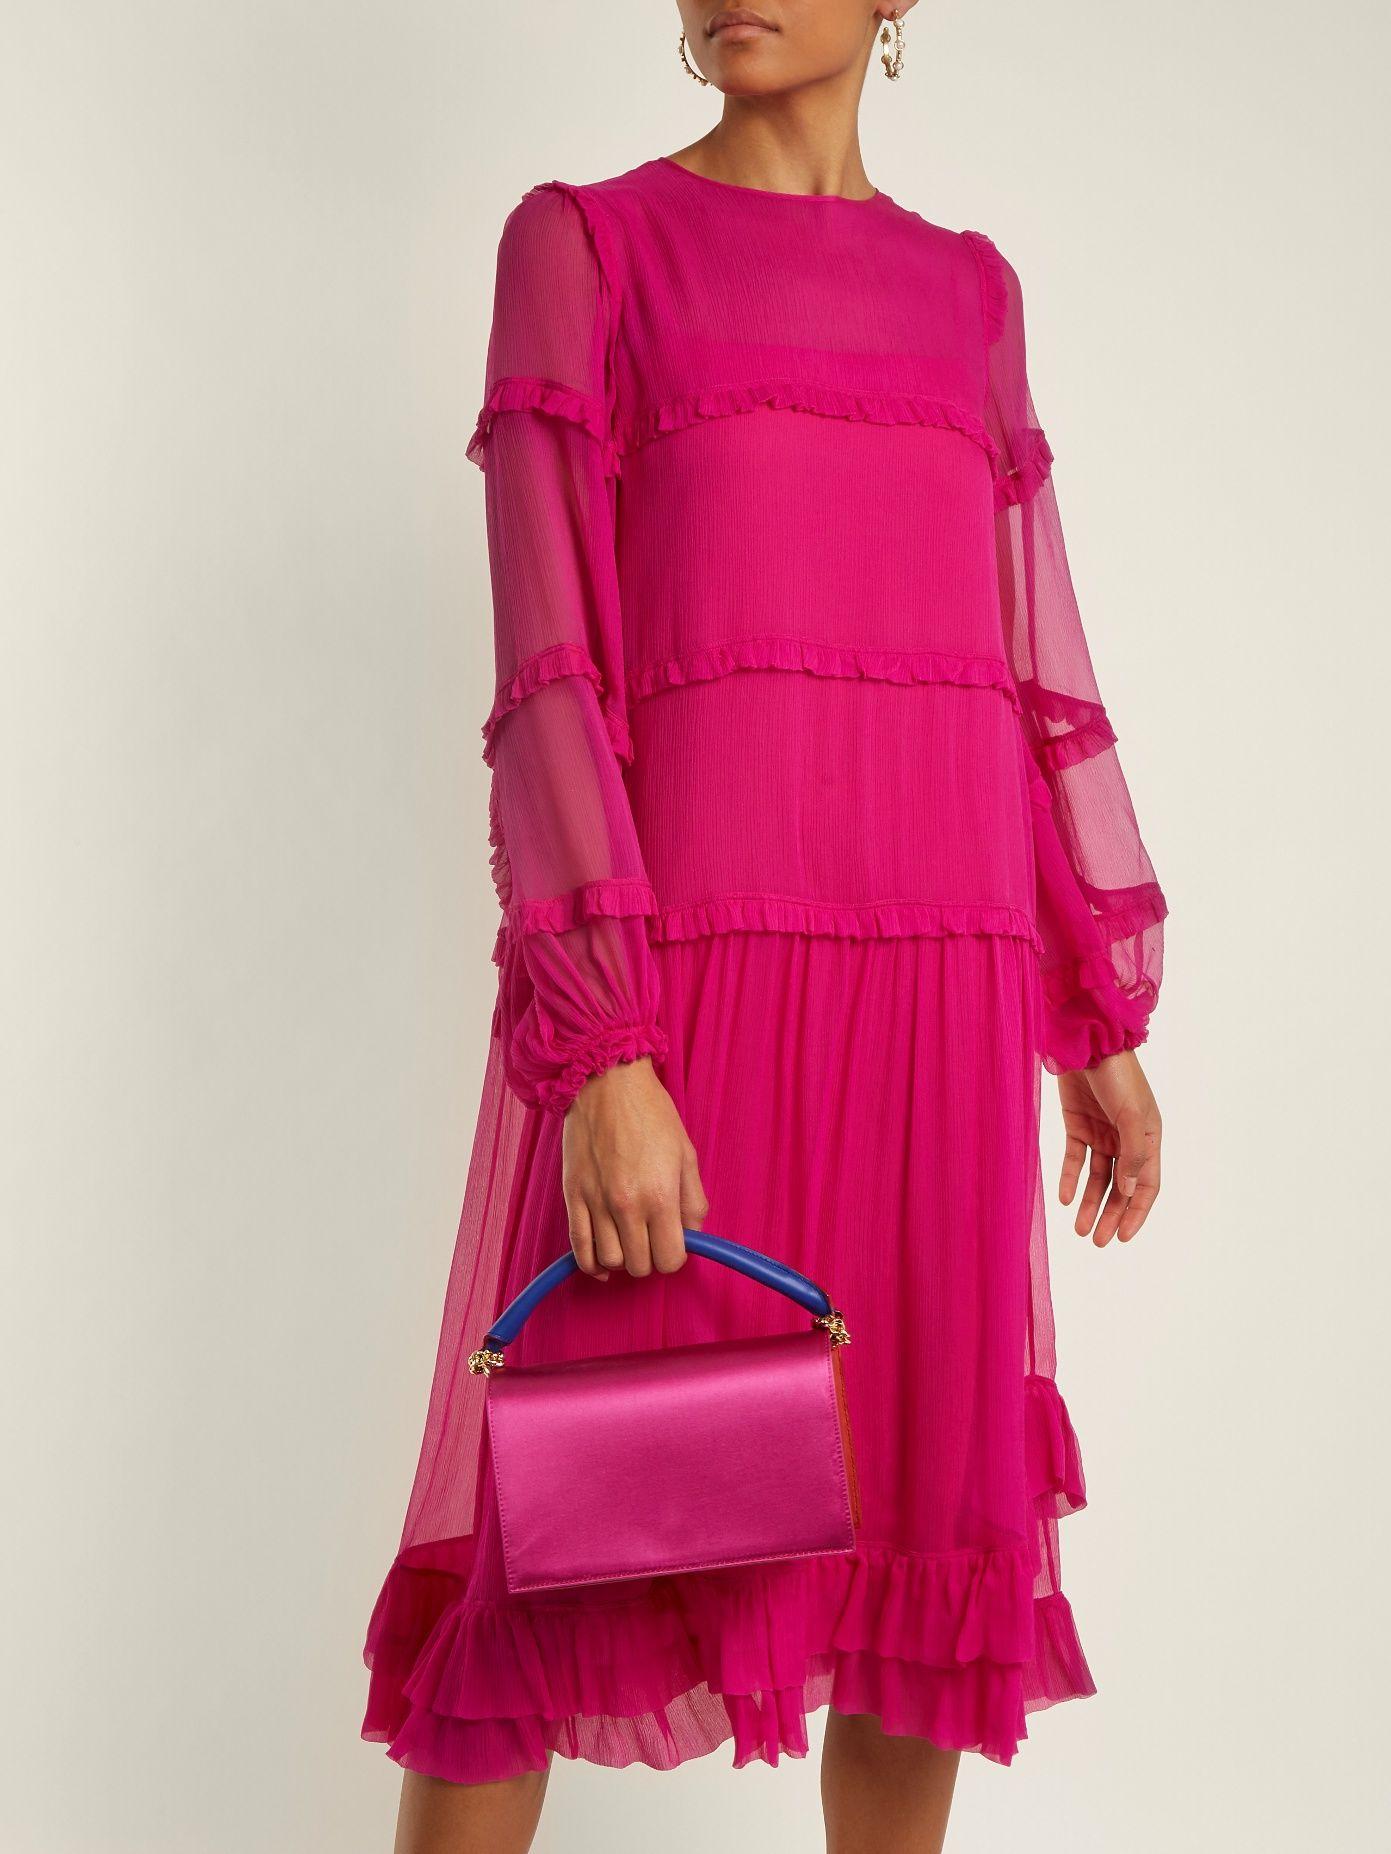 Tiered silk-chiffon dress   No. 21   vestidos   Pinterest   Chiffon ...